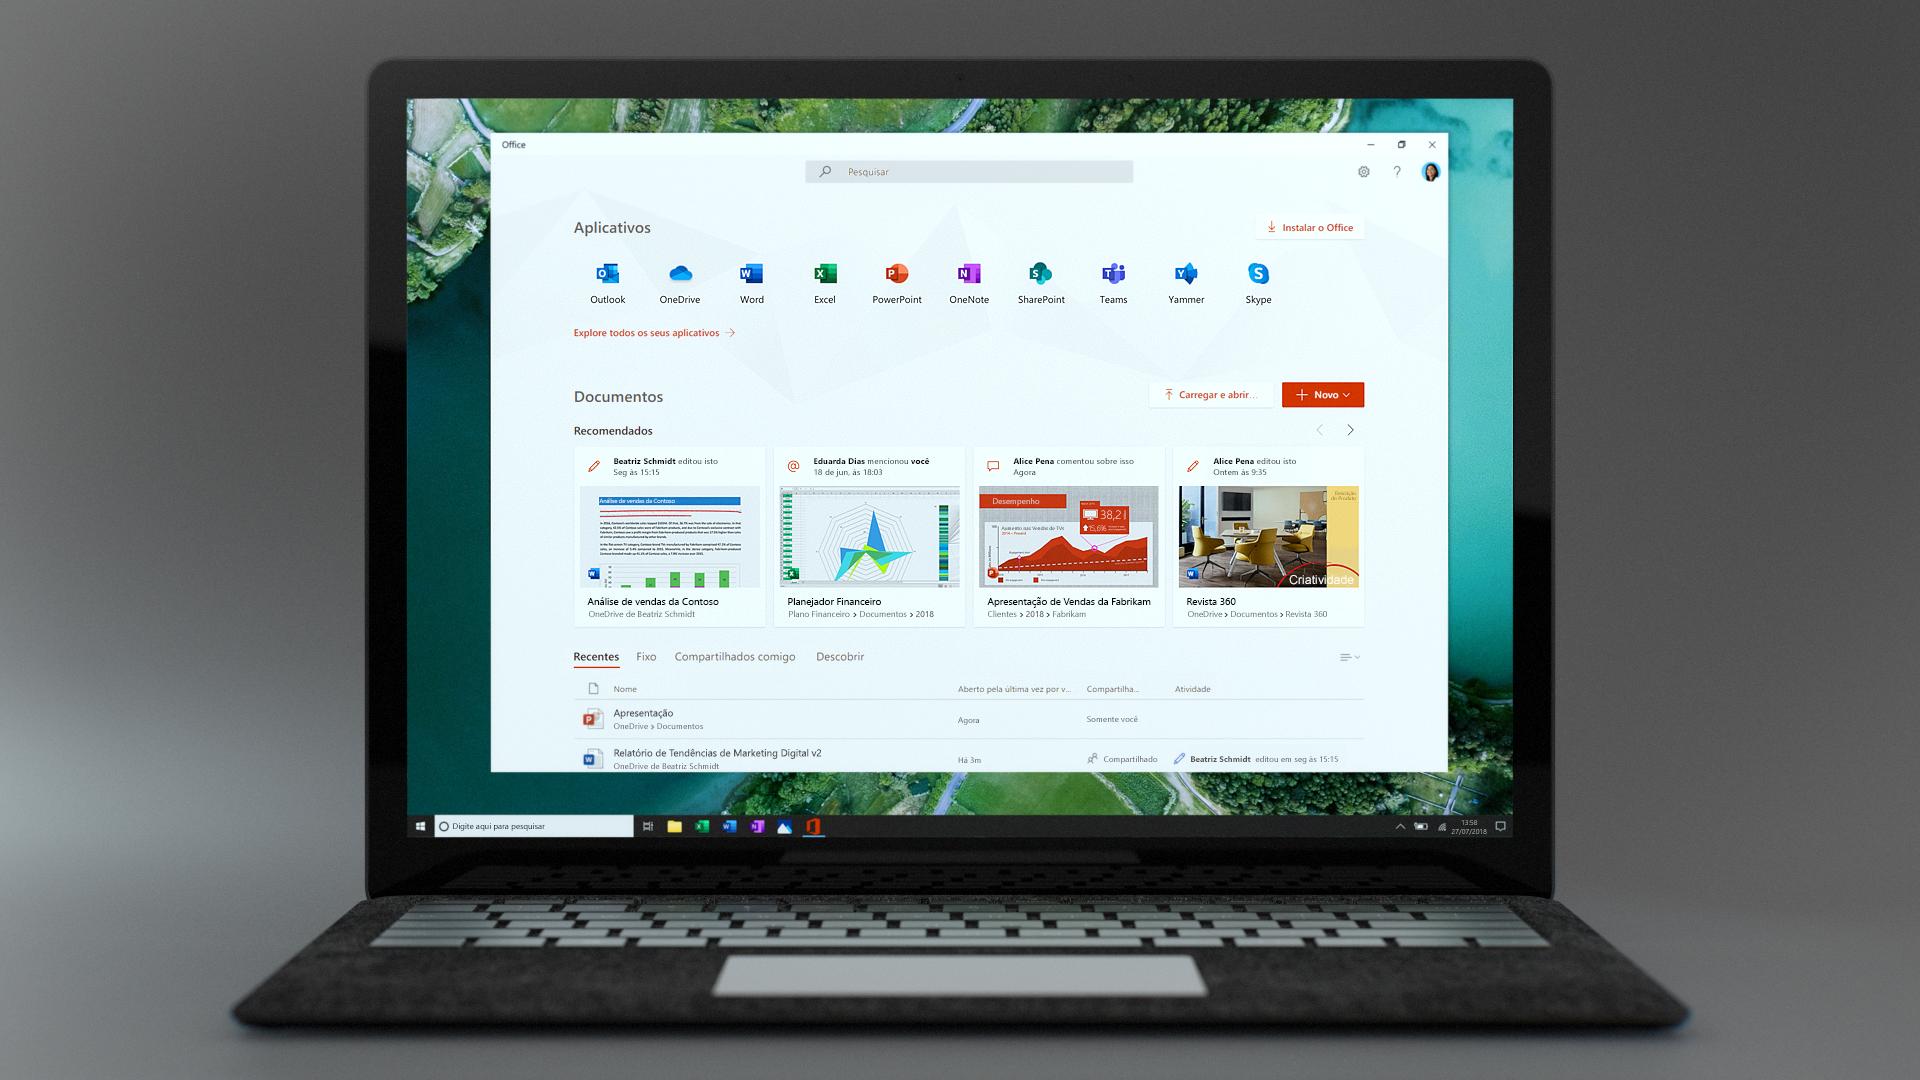 Imagem de um laptop aberto mostrando o novo aplicativo do Office na tela.